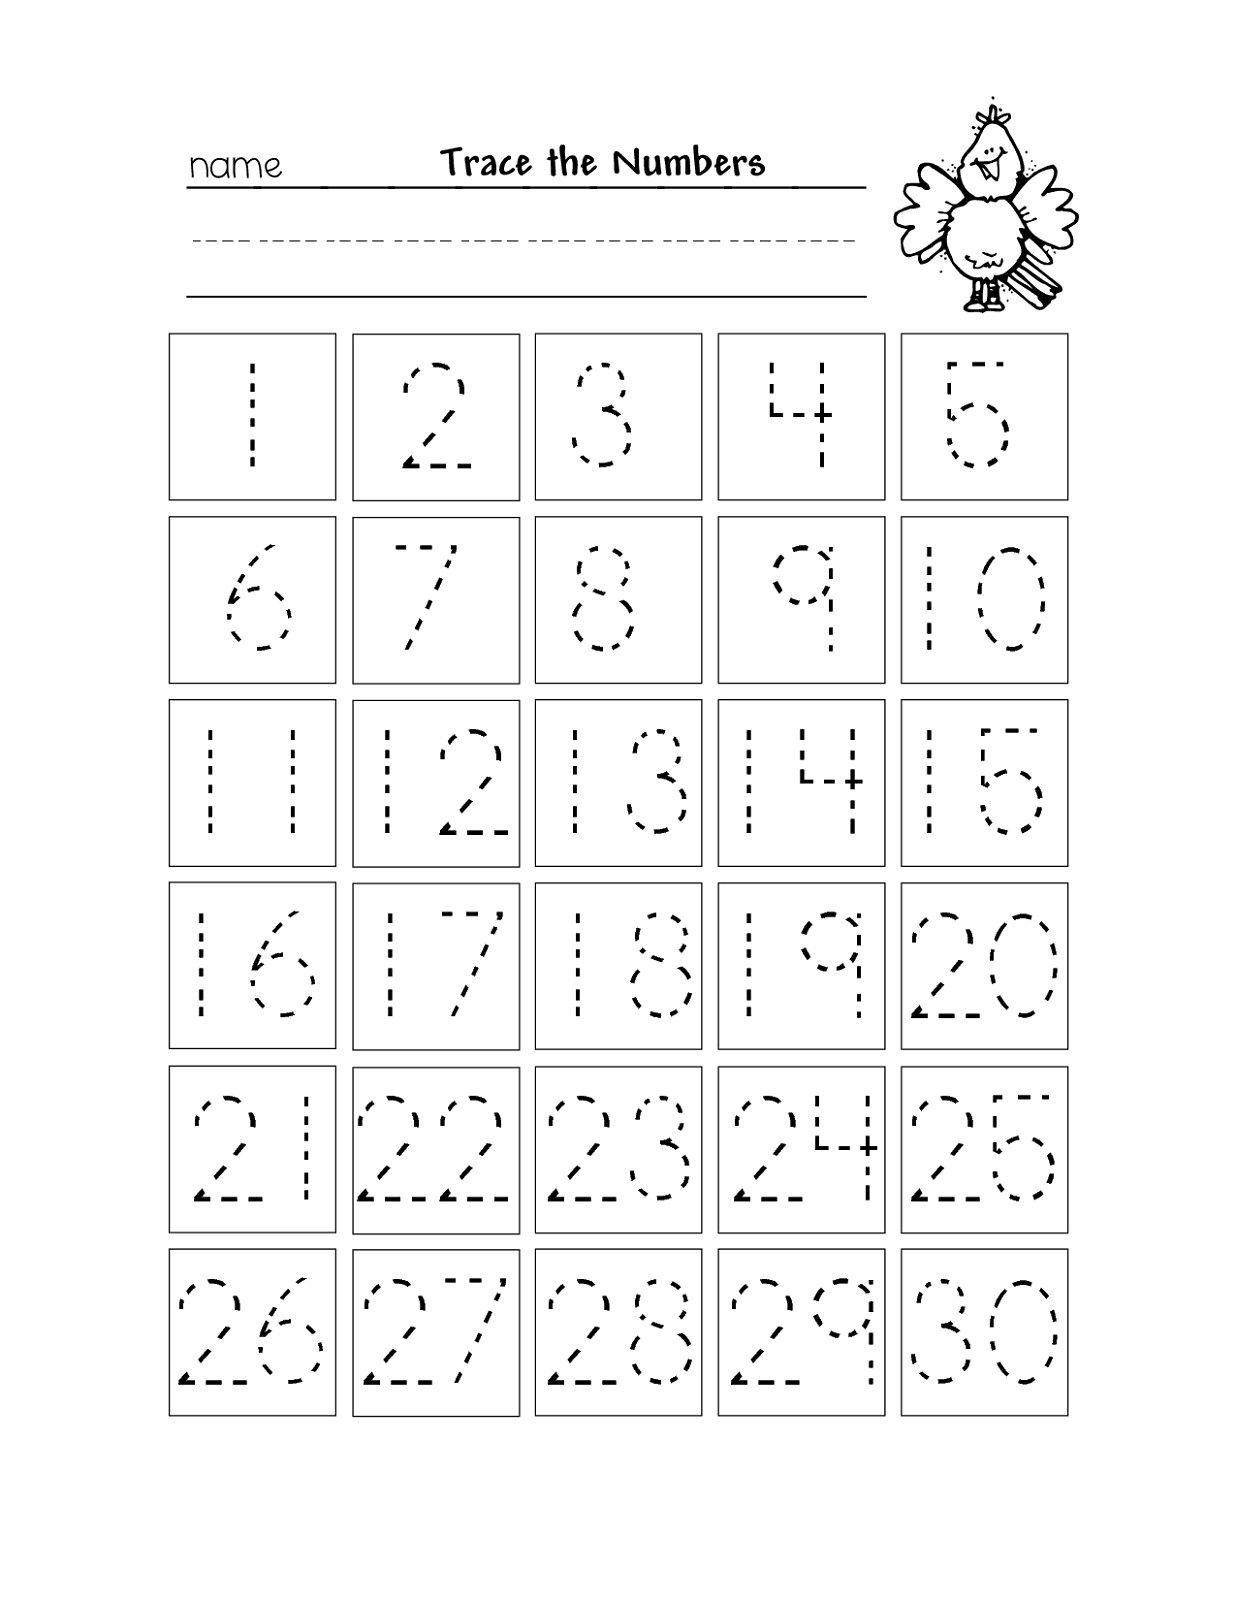 Free Preschool Kindergarten Worksheets Numbers Numbers 1 10 Eight 8 Free Ntable Color In 2020 Free Printable Numbers Number Worksheets Kindergarten Learning Worksheets